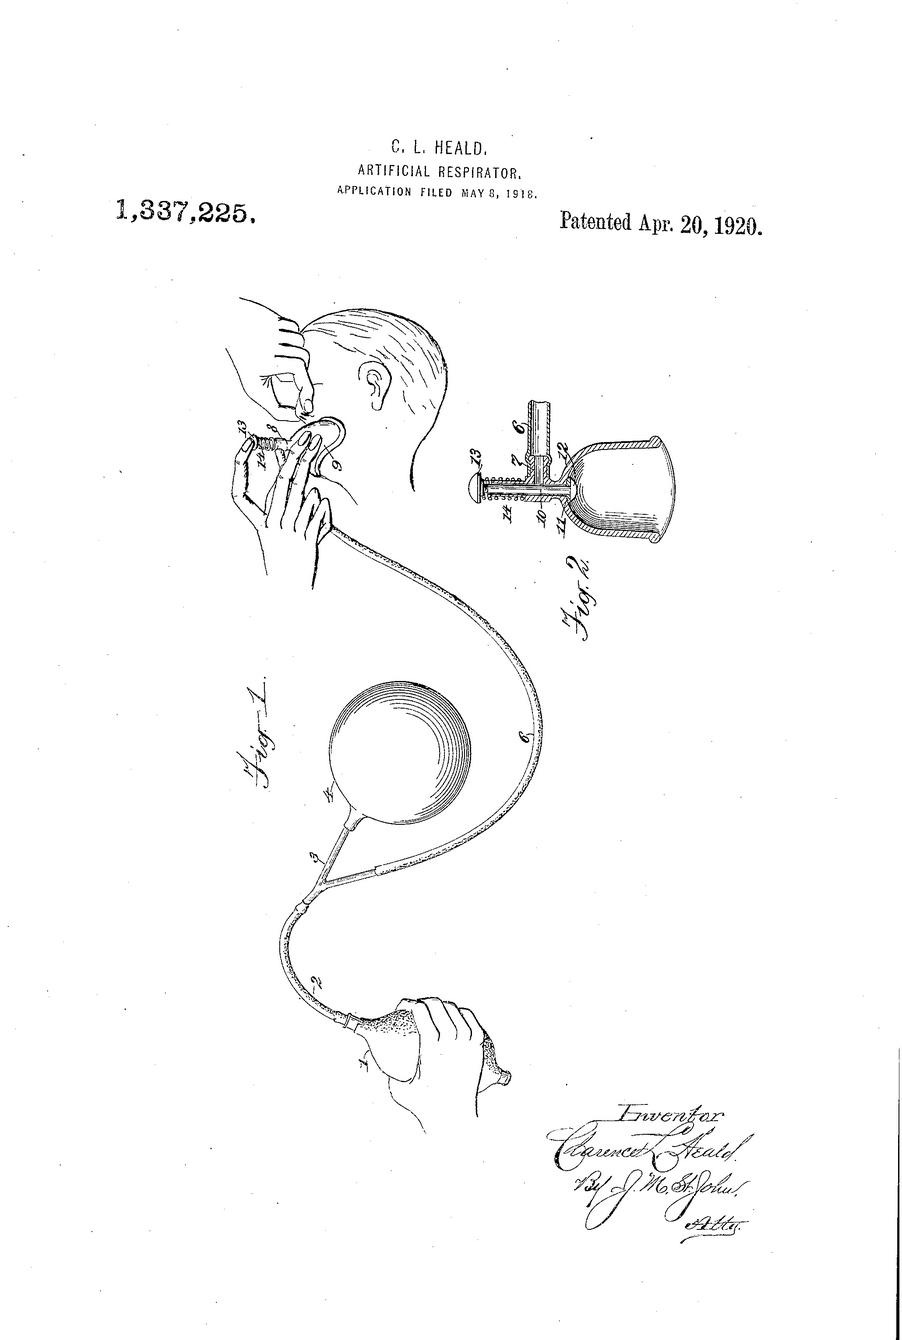 1920 Artificial Respirator